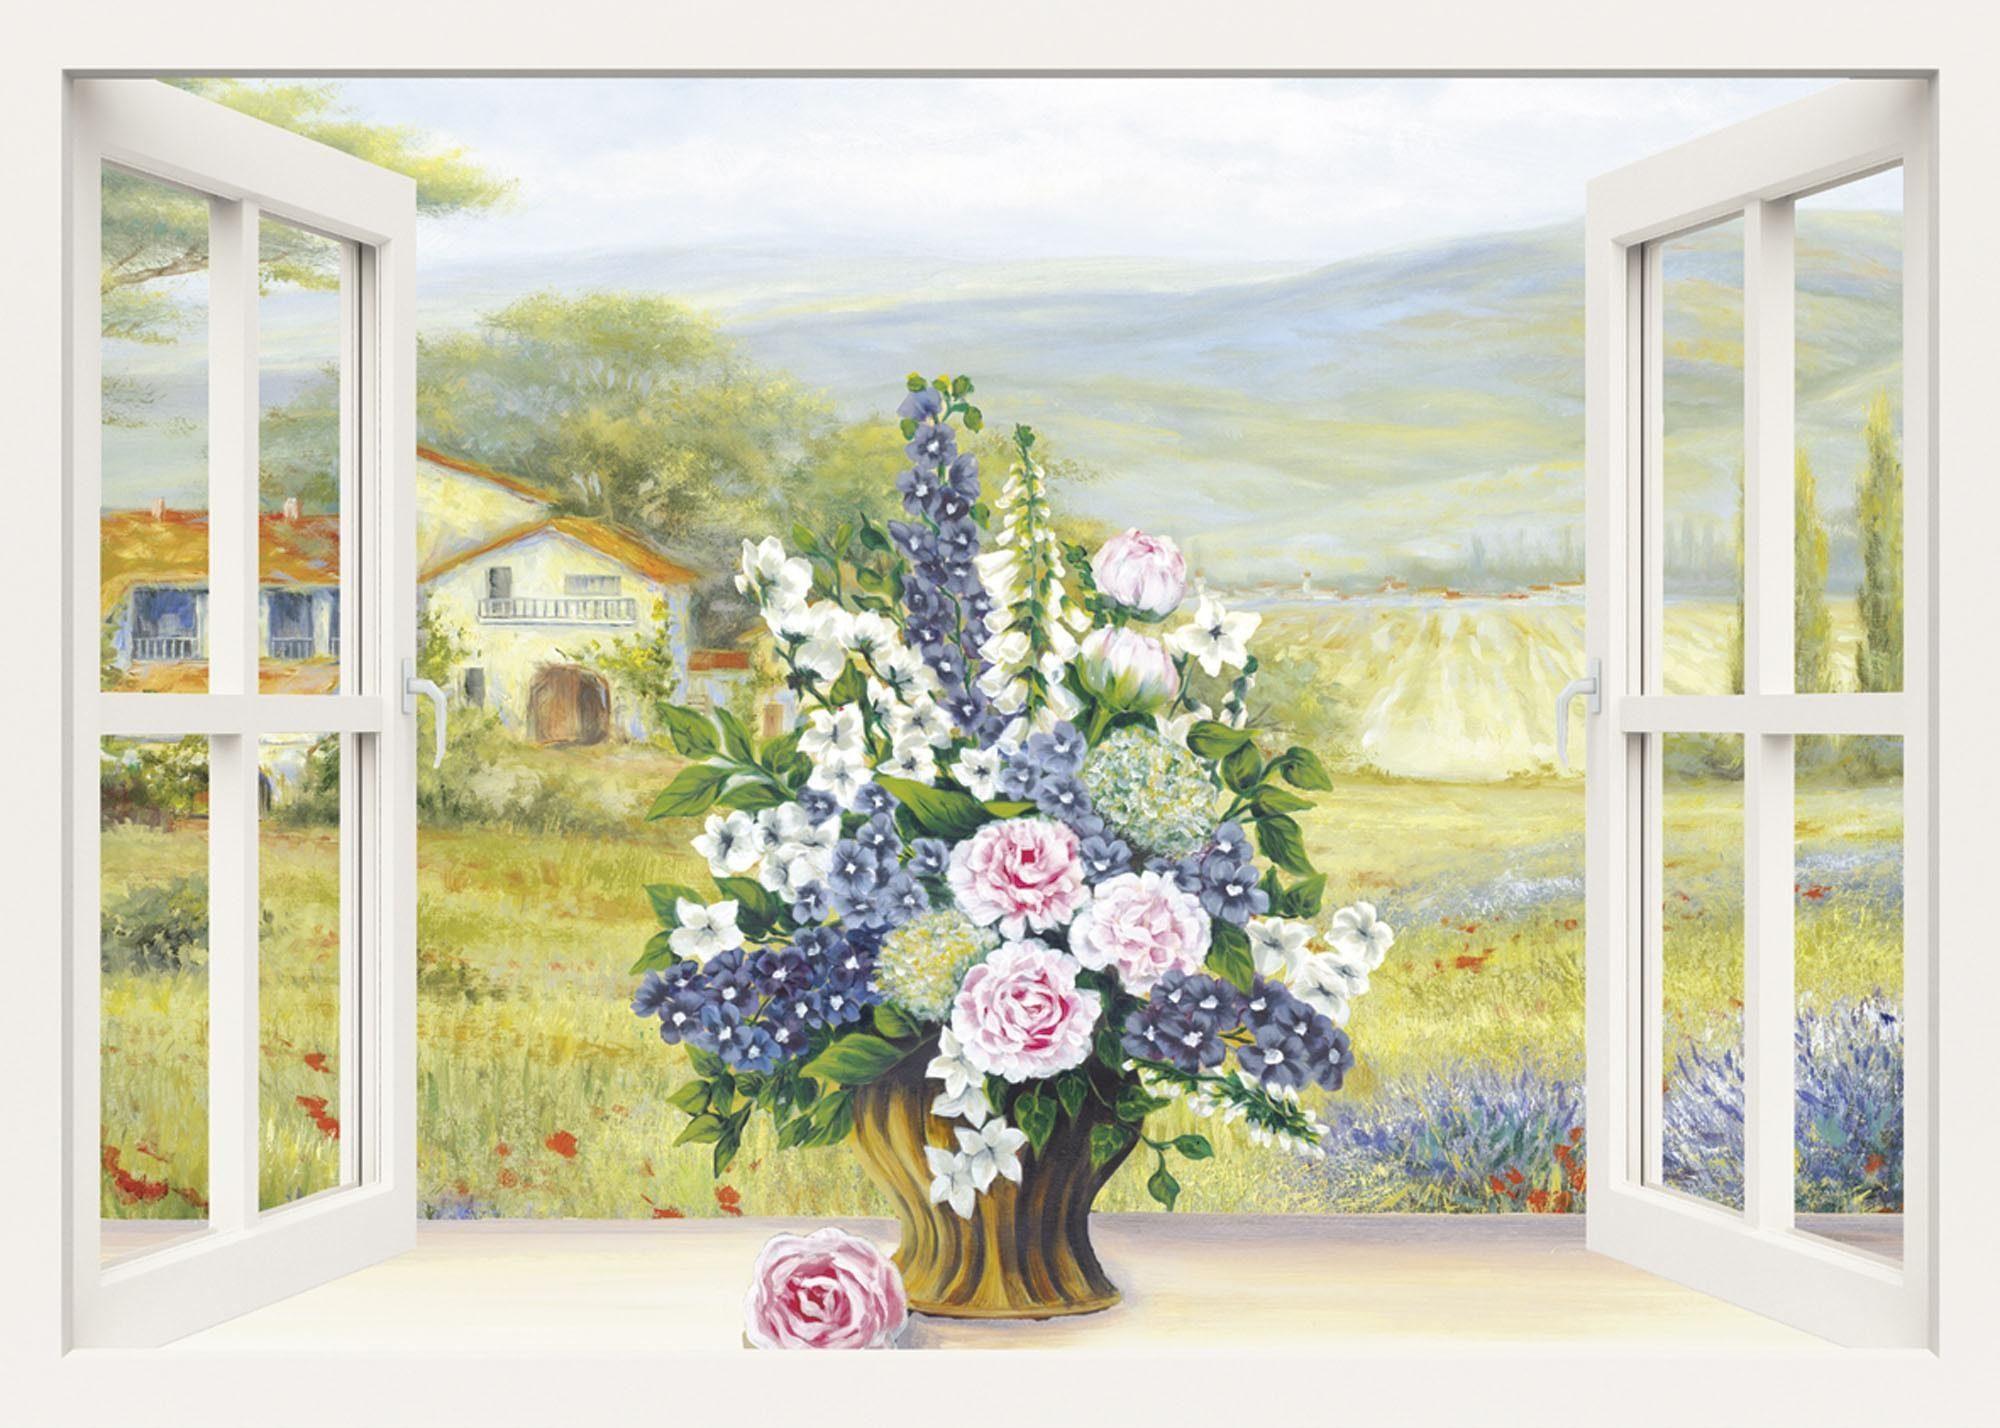 Home affaire Leinwandbild »Heins, A.: Blumenbouquet am weißen Fenster«, Landschaft, Blumen, 100/70 cm